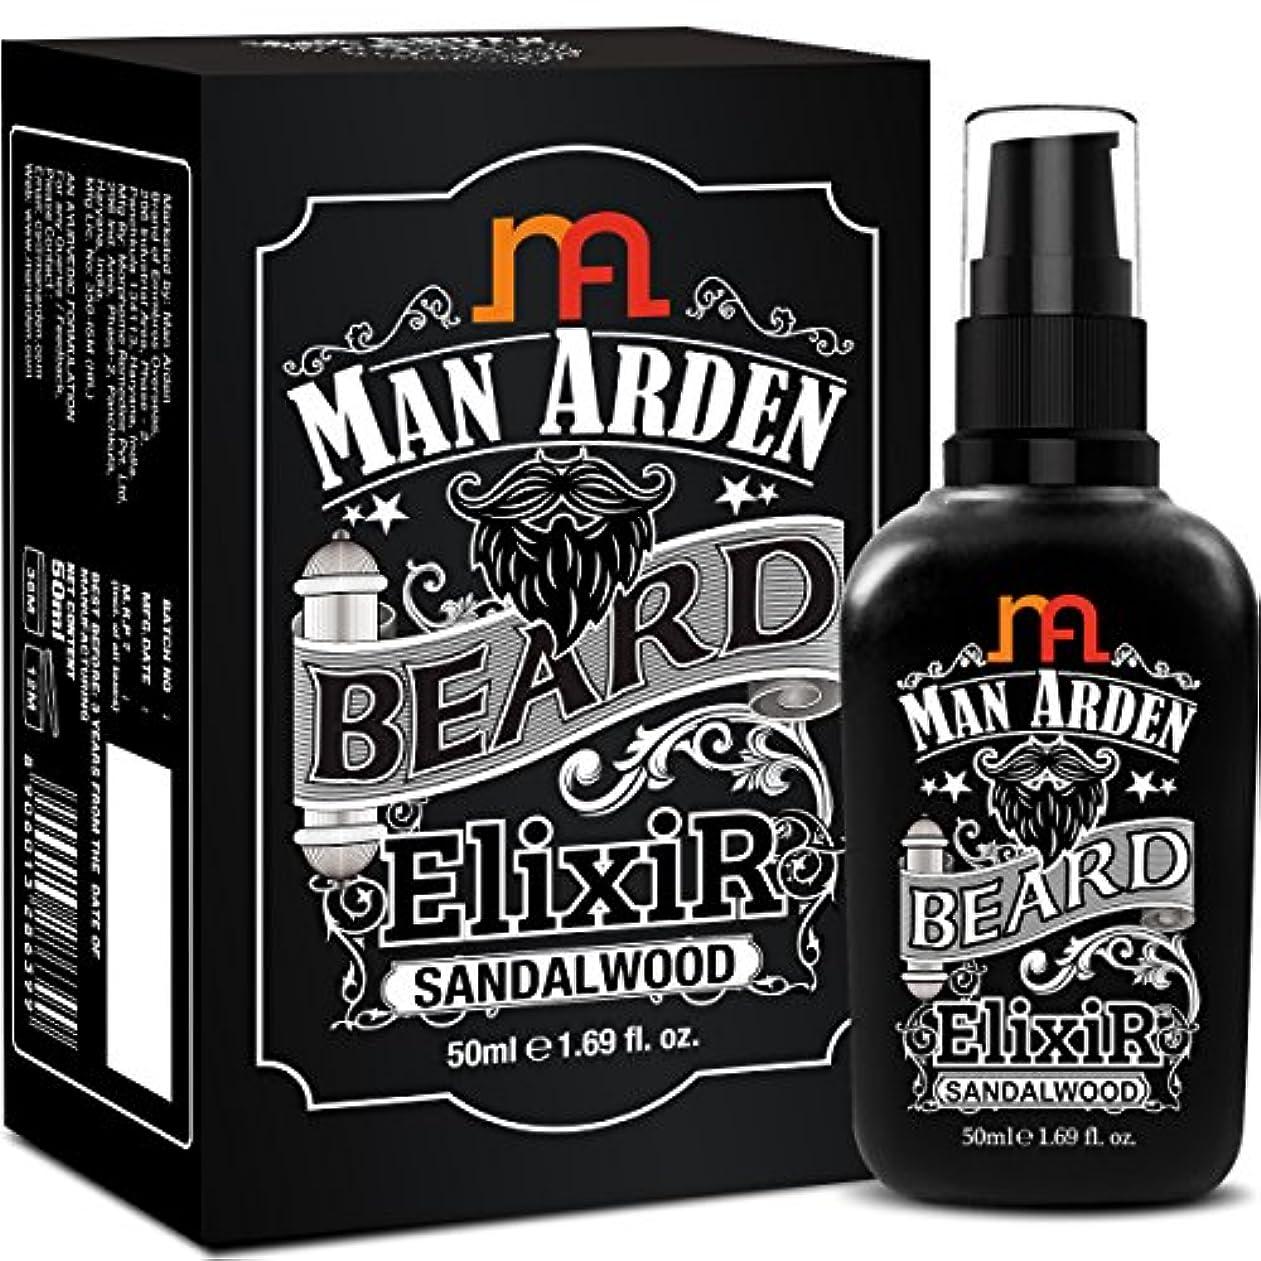 怠けた気難しい優雅Man Arden Beard Elixir Oil 50ml (Sandalwood) - 7 Oils Blend For Beard Repair, Growth & Nourishment8906013286399